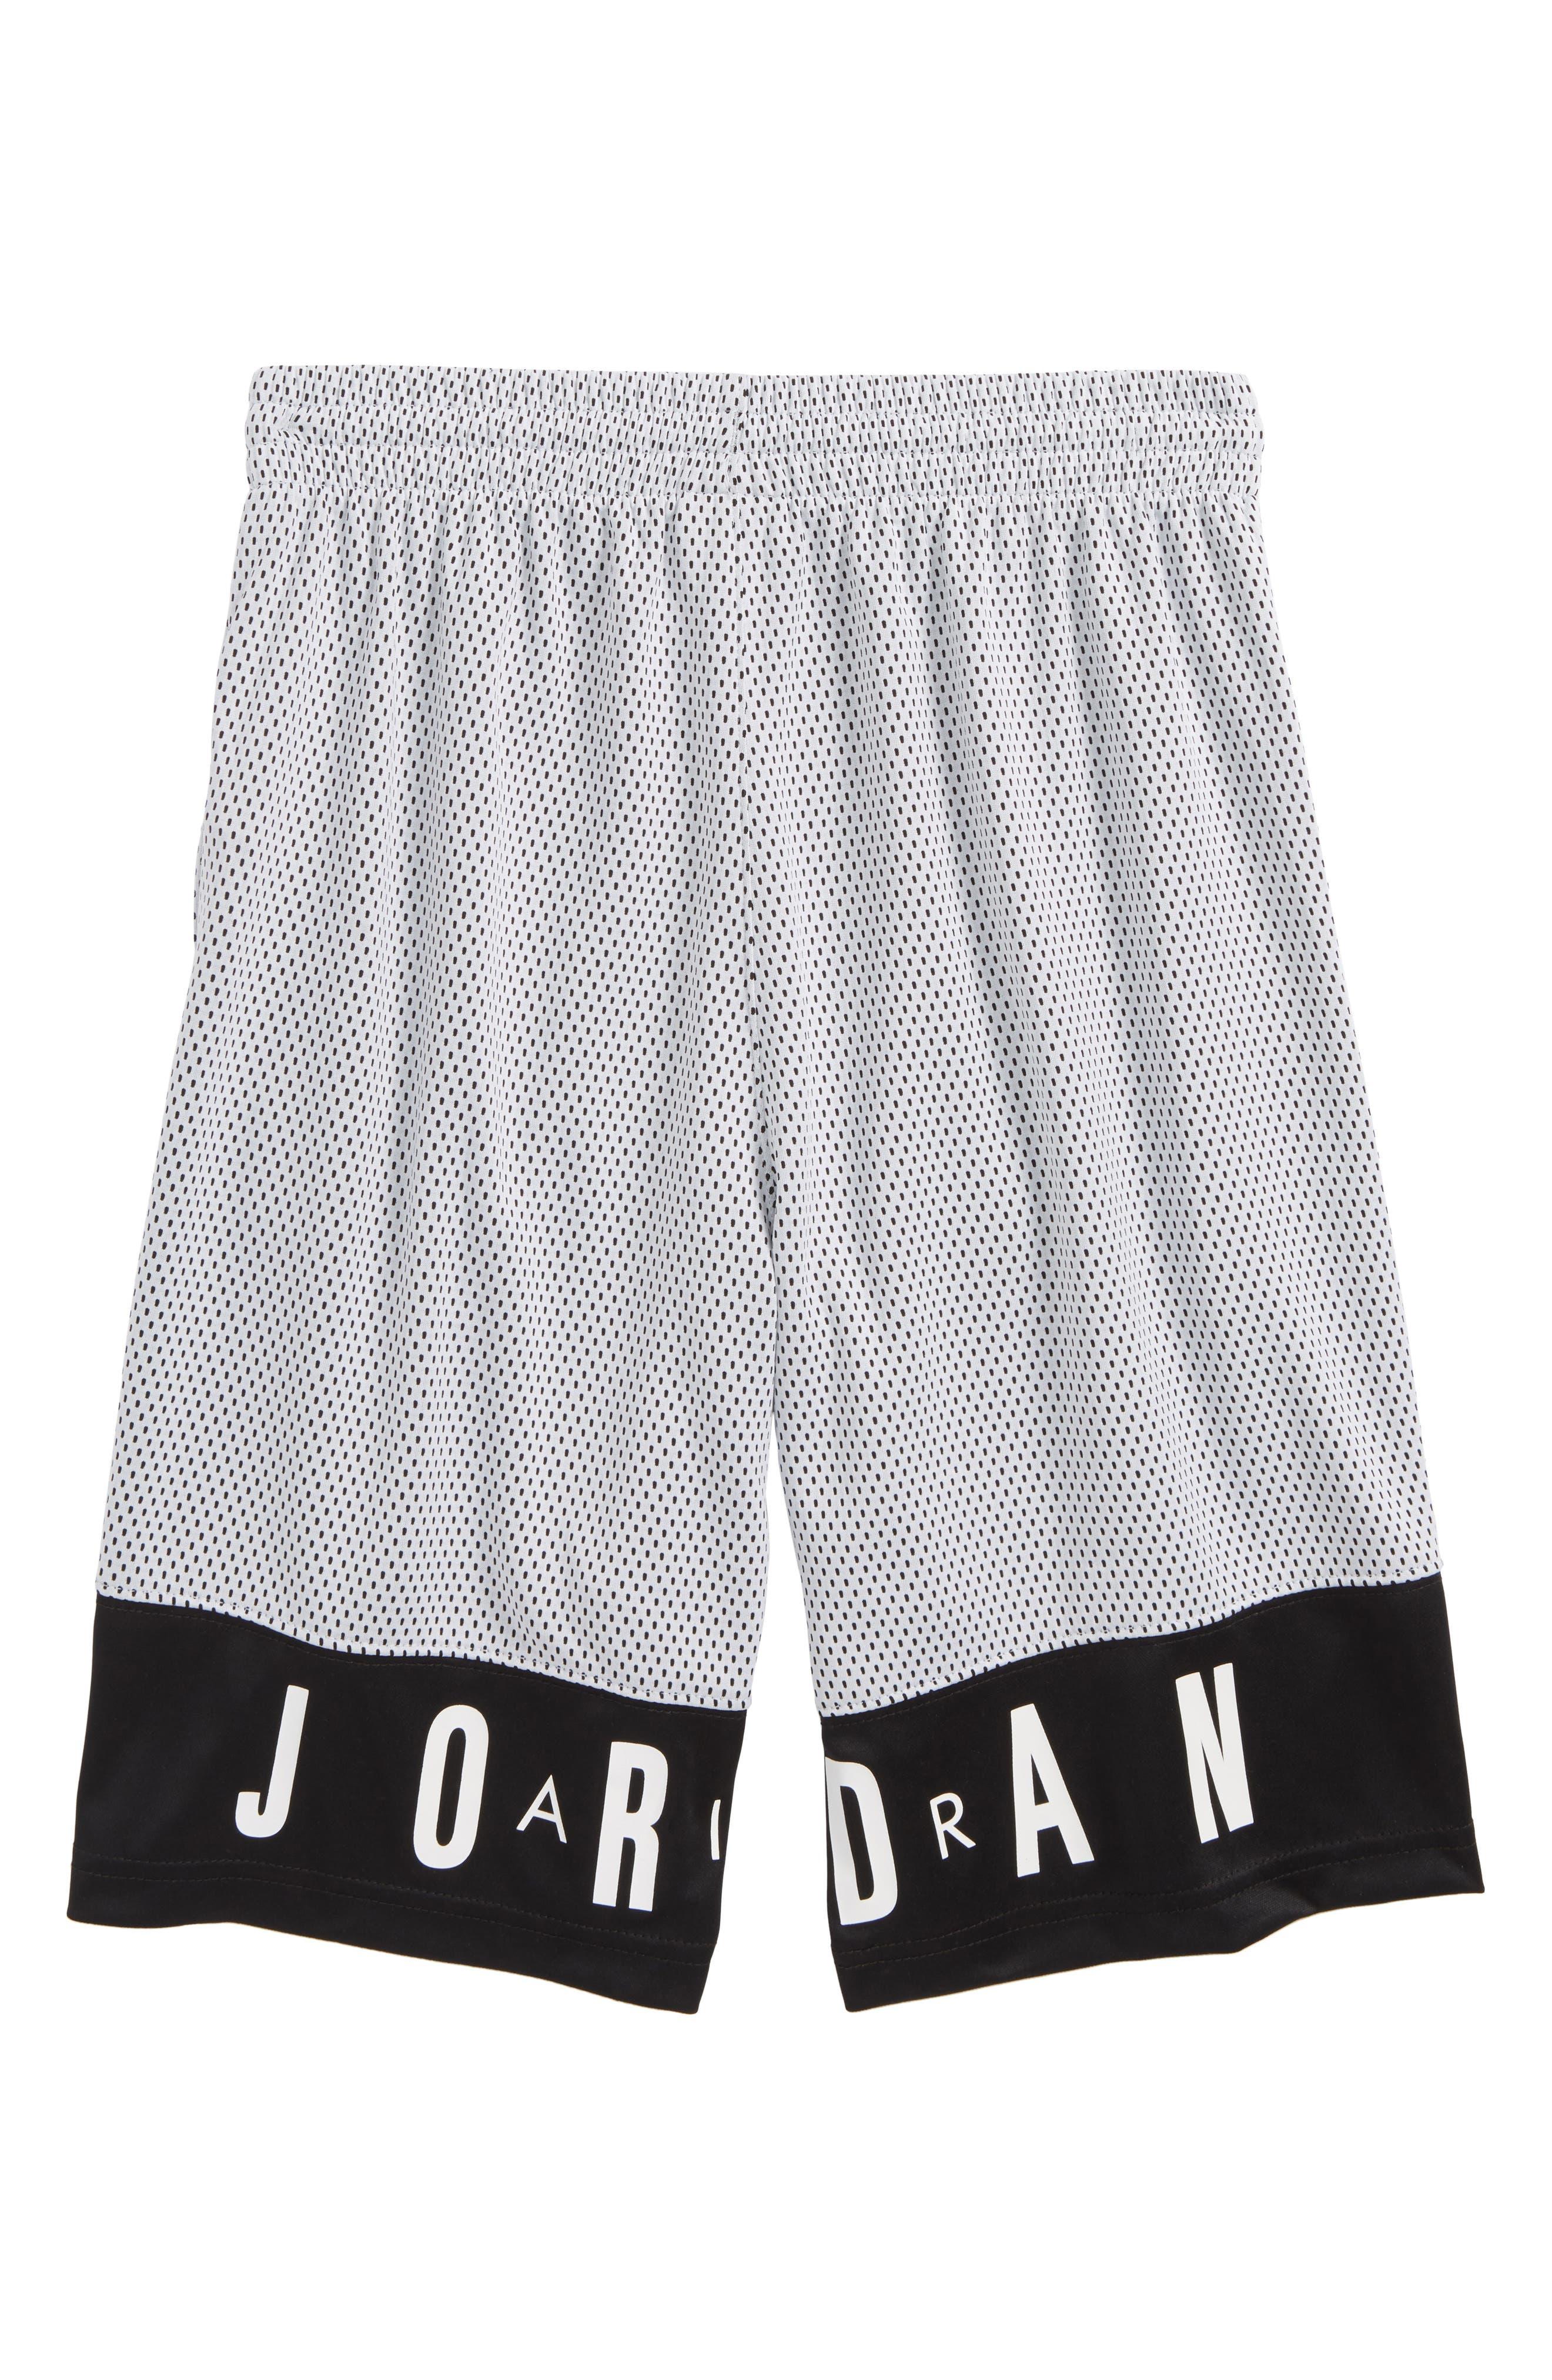 Jordan AJ 90s D2 Mesh Shorts,                             Alternate thumbnail 2, color,                             001